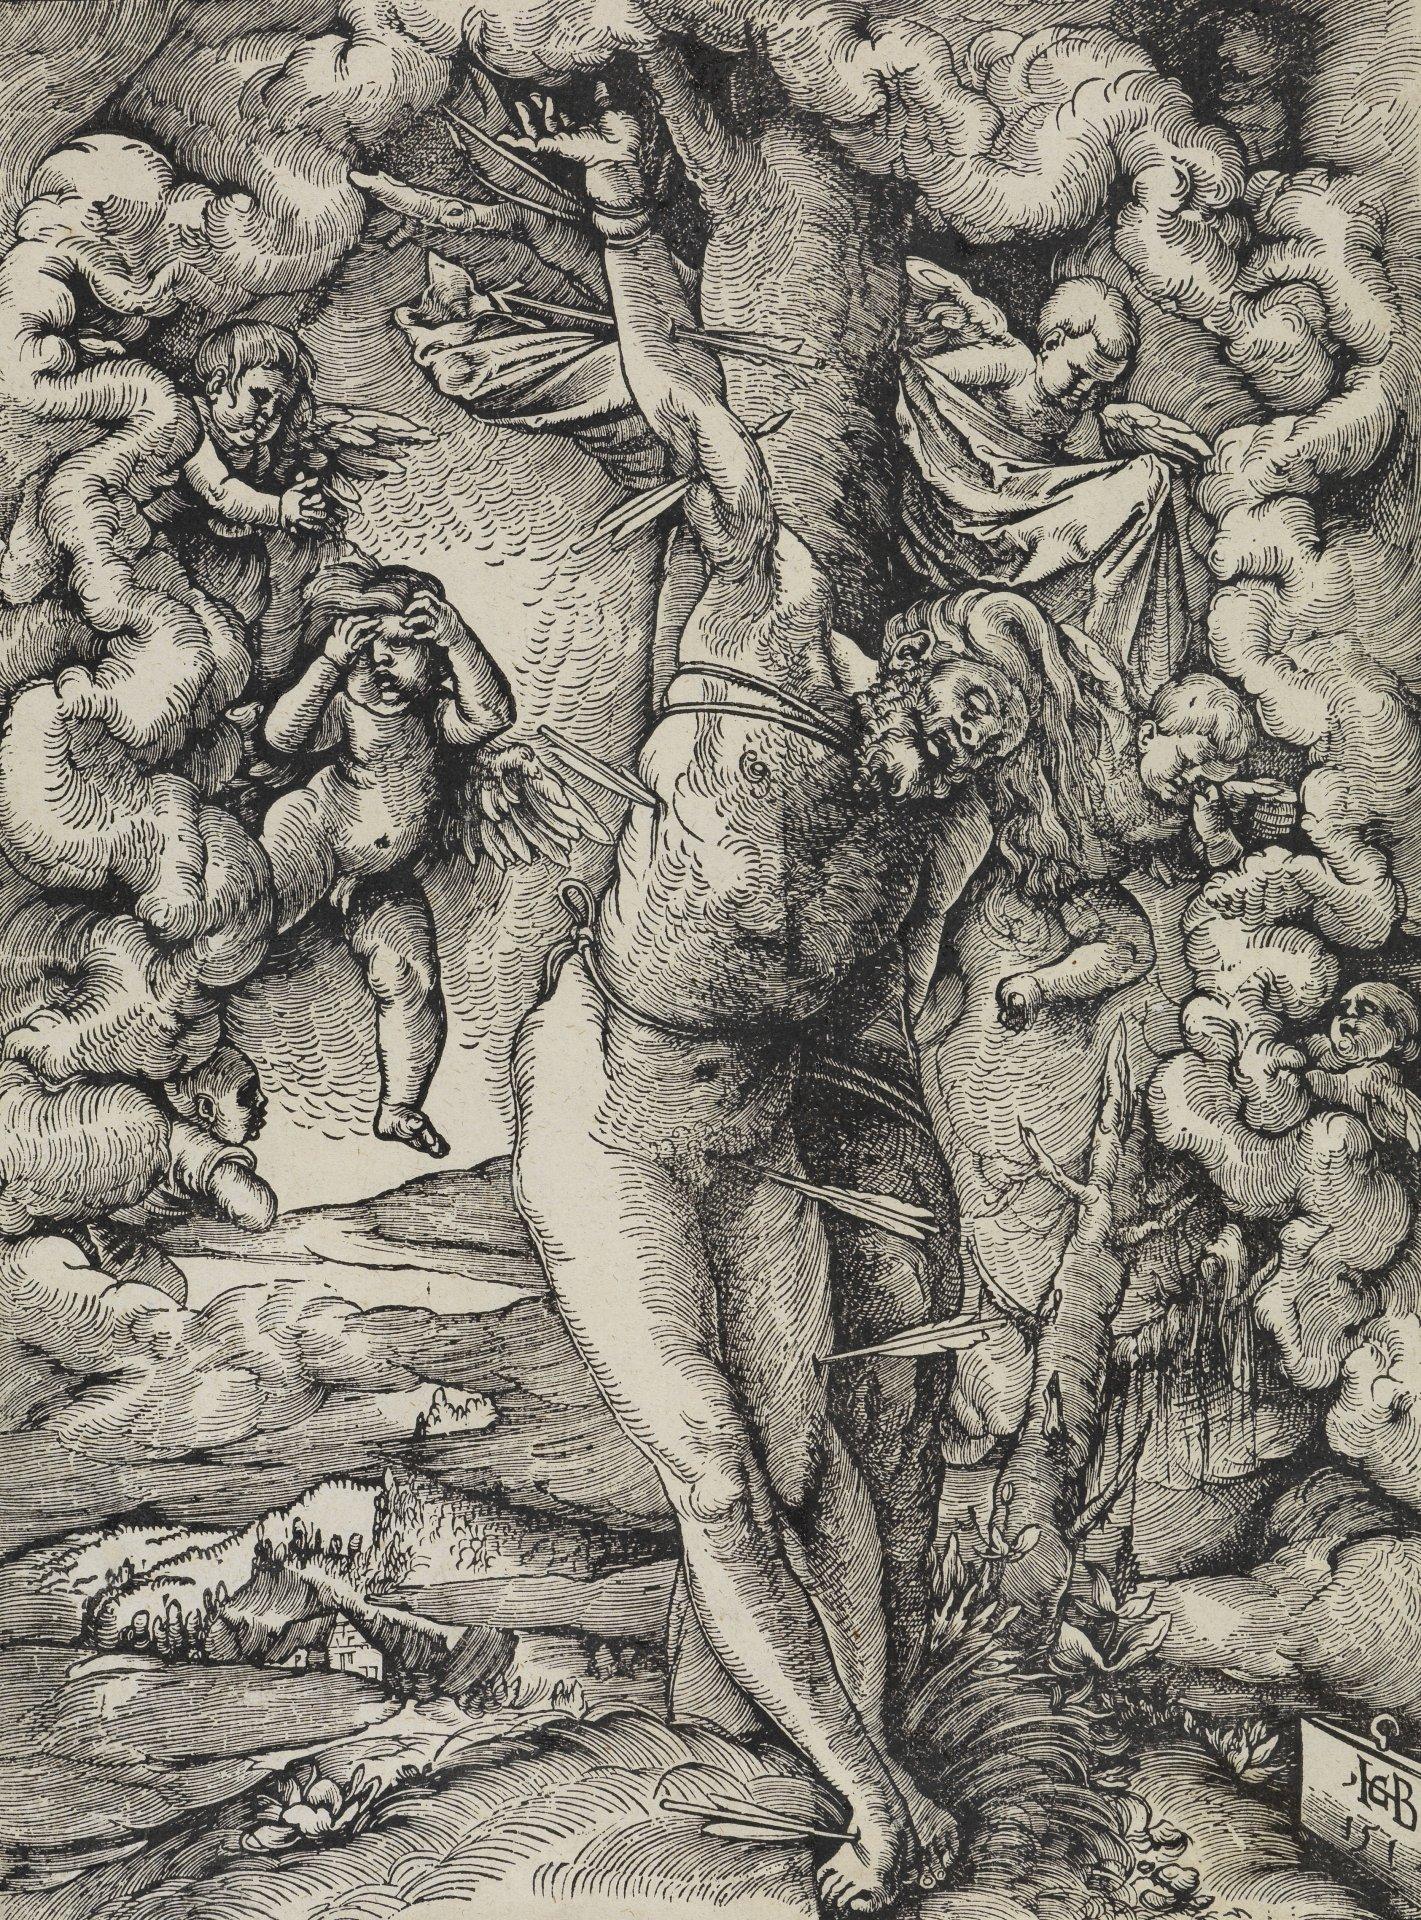 Abbildung des Werks Der große heilige Sebastian des Renaissance-Künstlers Hans Baldung Grien aus dem Jahr 1514